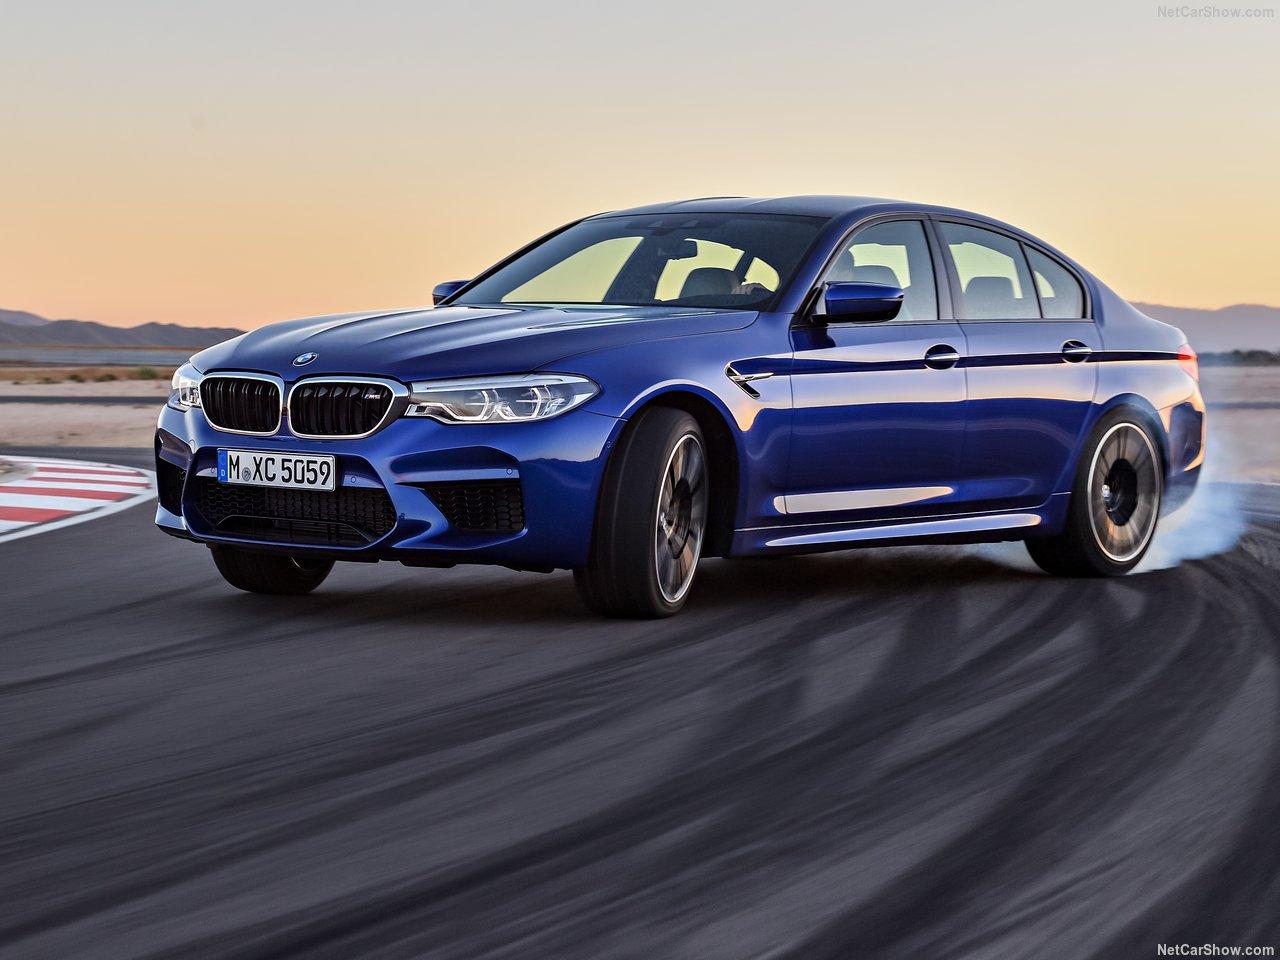 8월 수입차 판매량 - BMW 5시리즈 반격의 서막